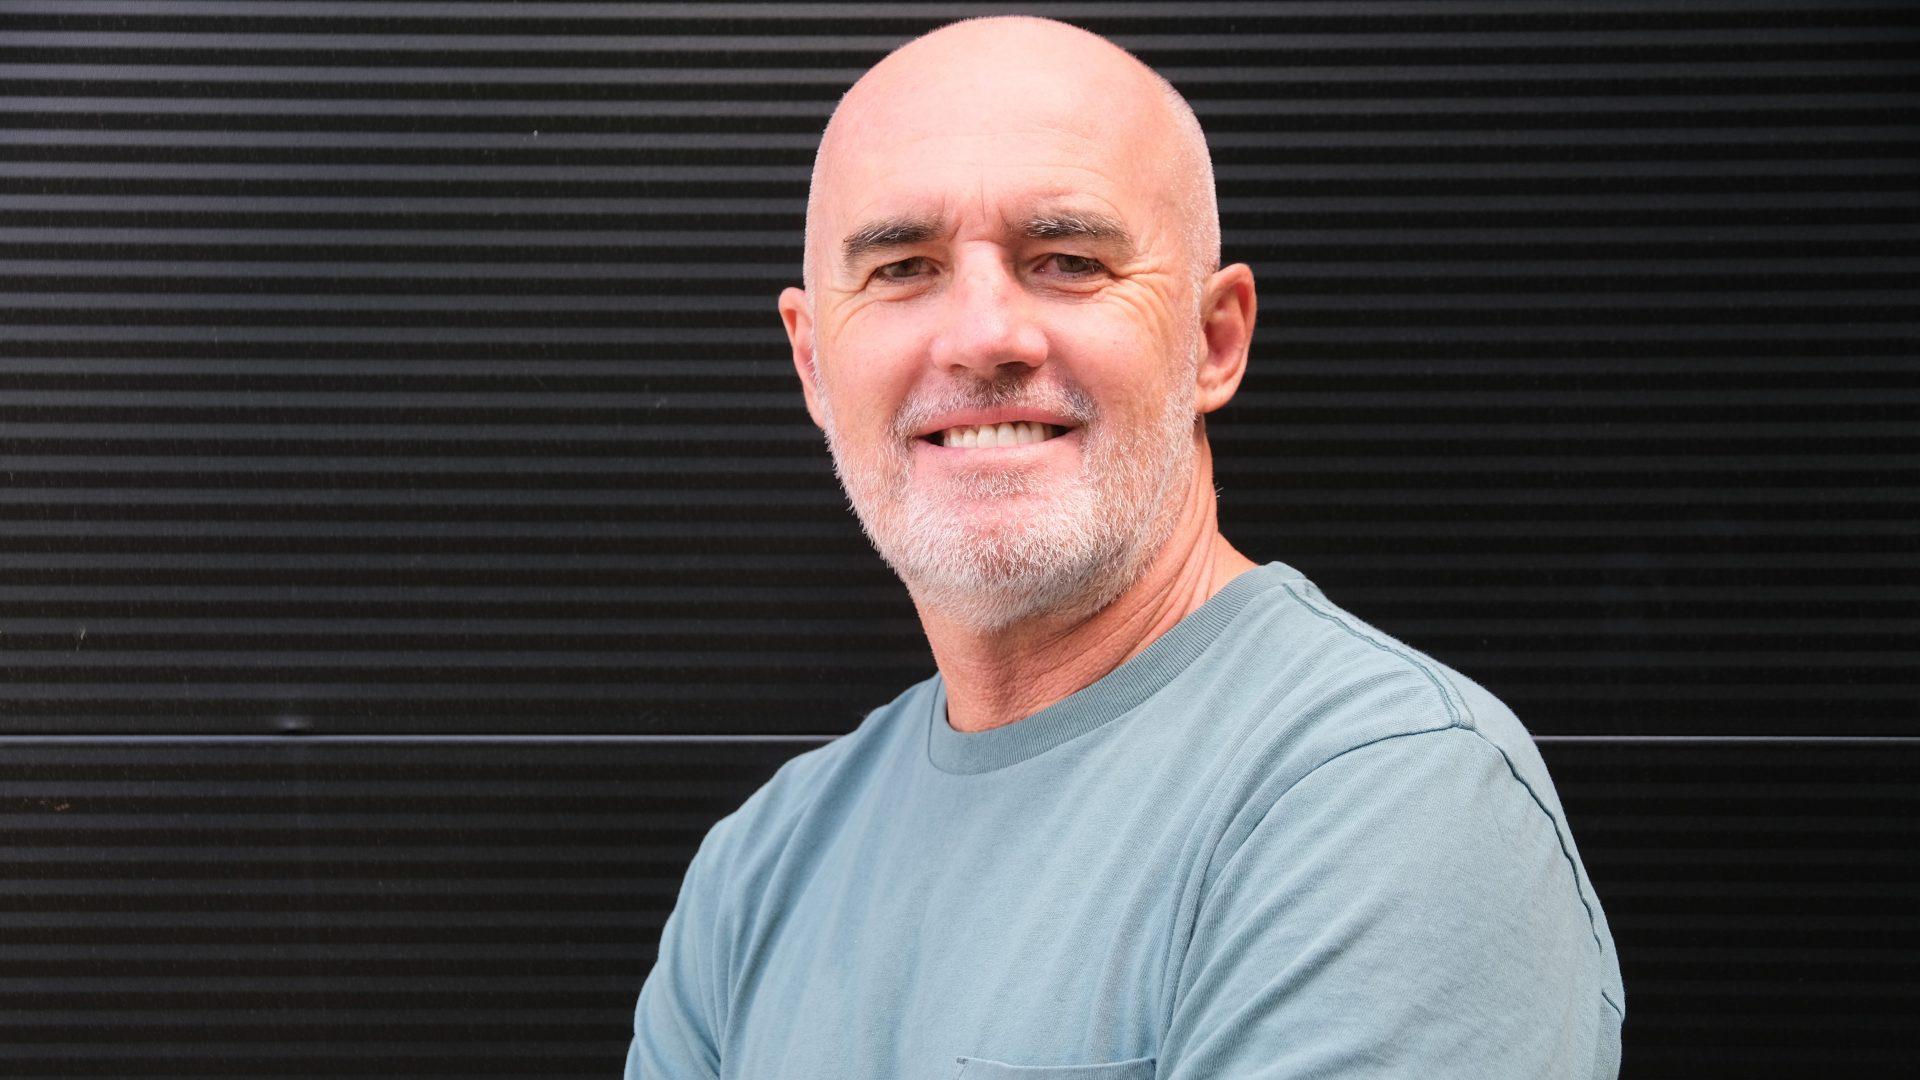 Derek O'Neill